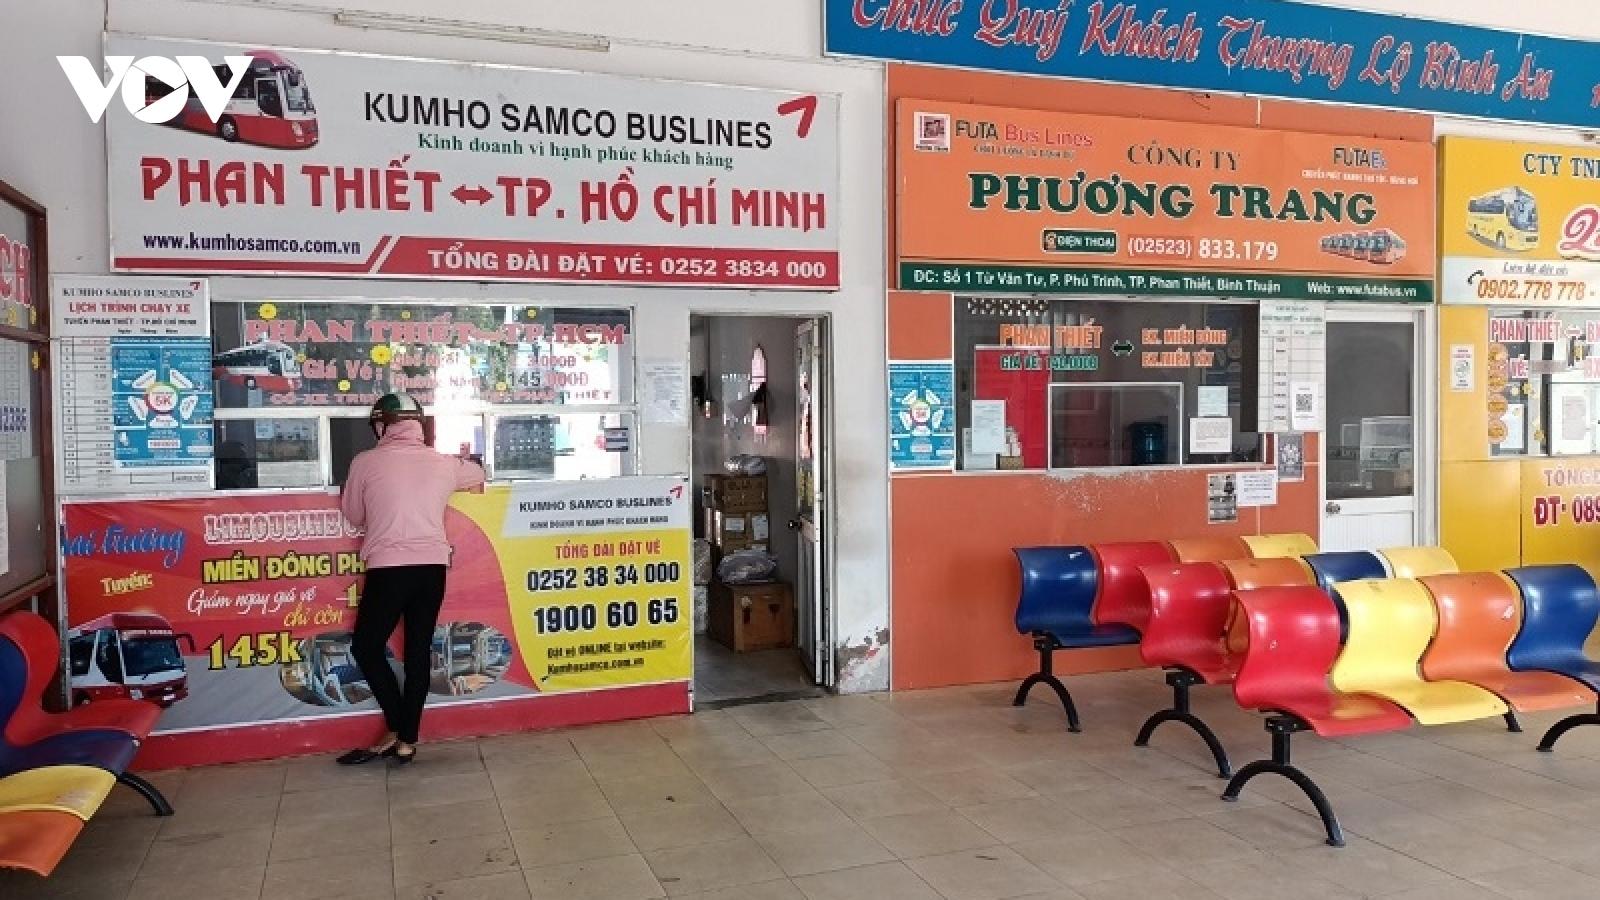 Vận tải hành khách Bình Thuận: Người dân e dè, chủ xe phấp phỏng